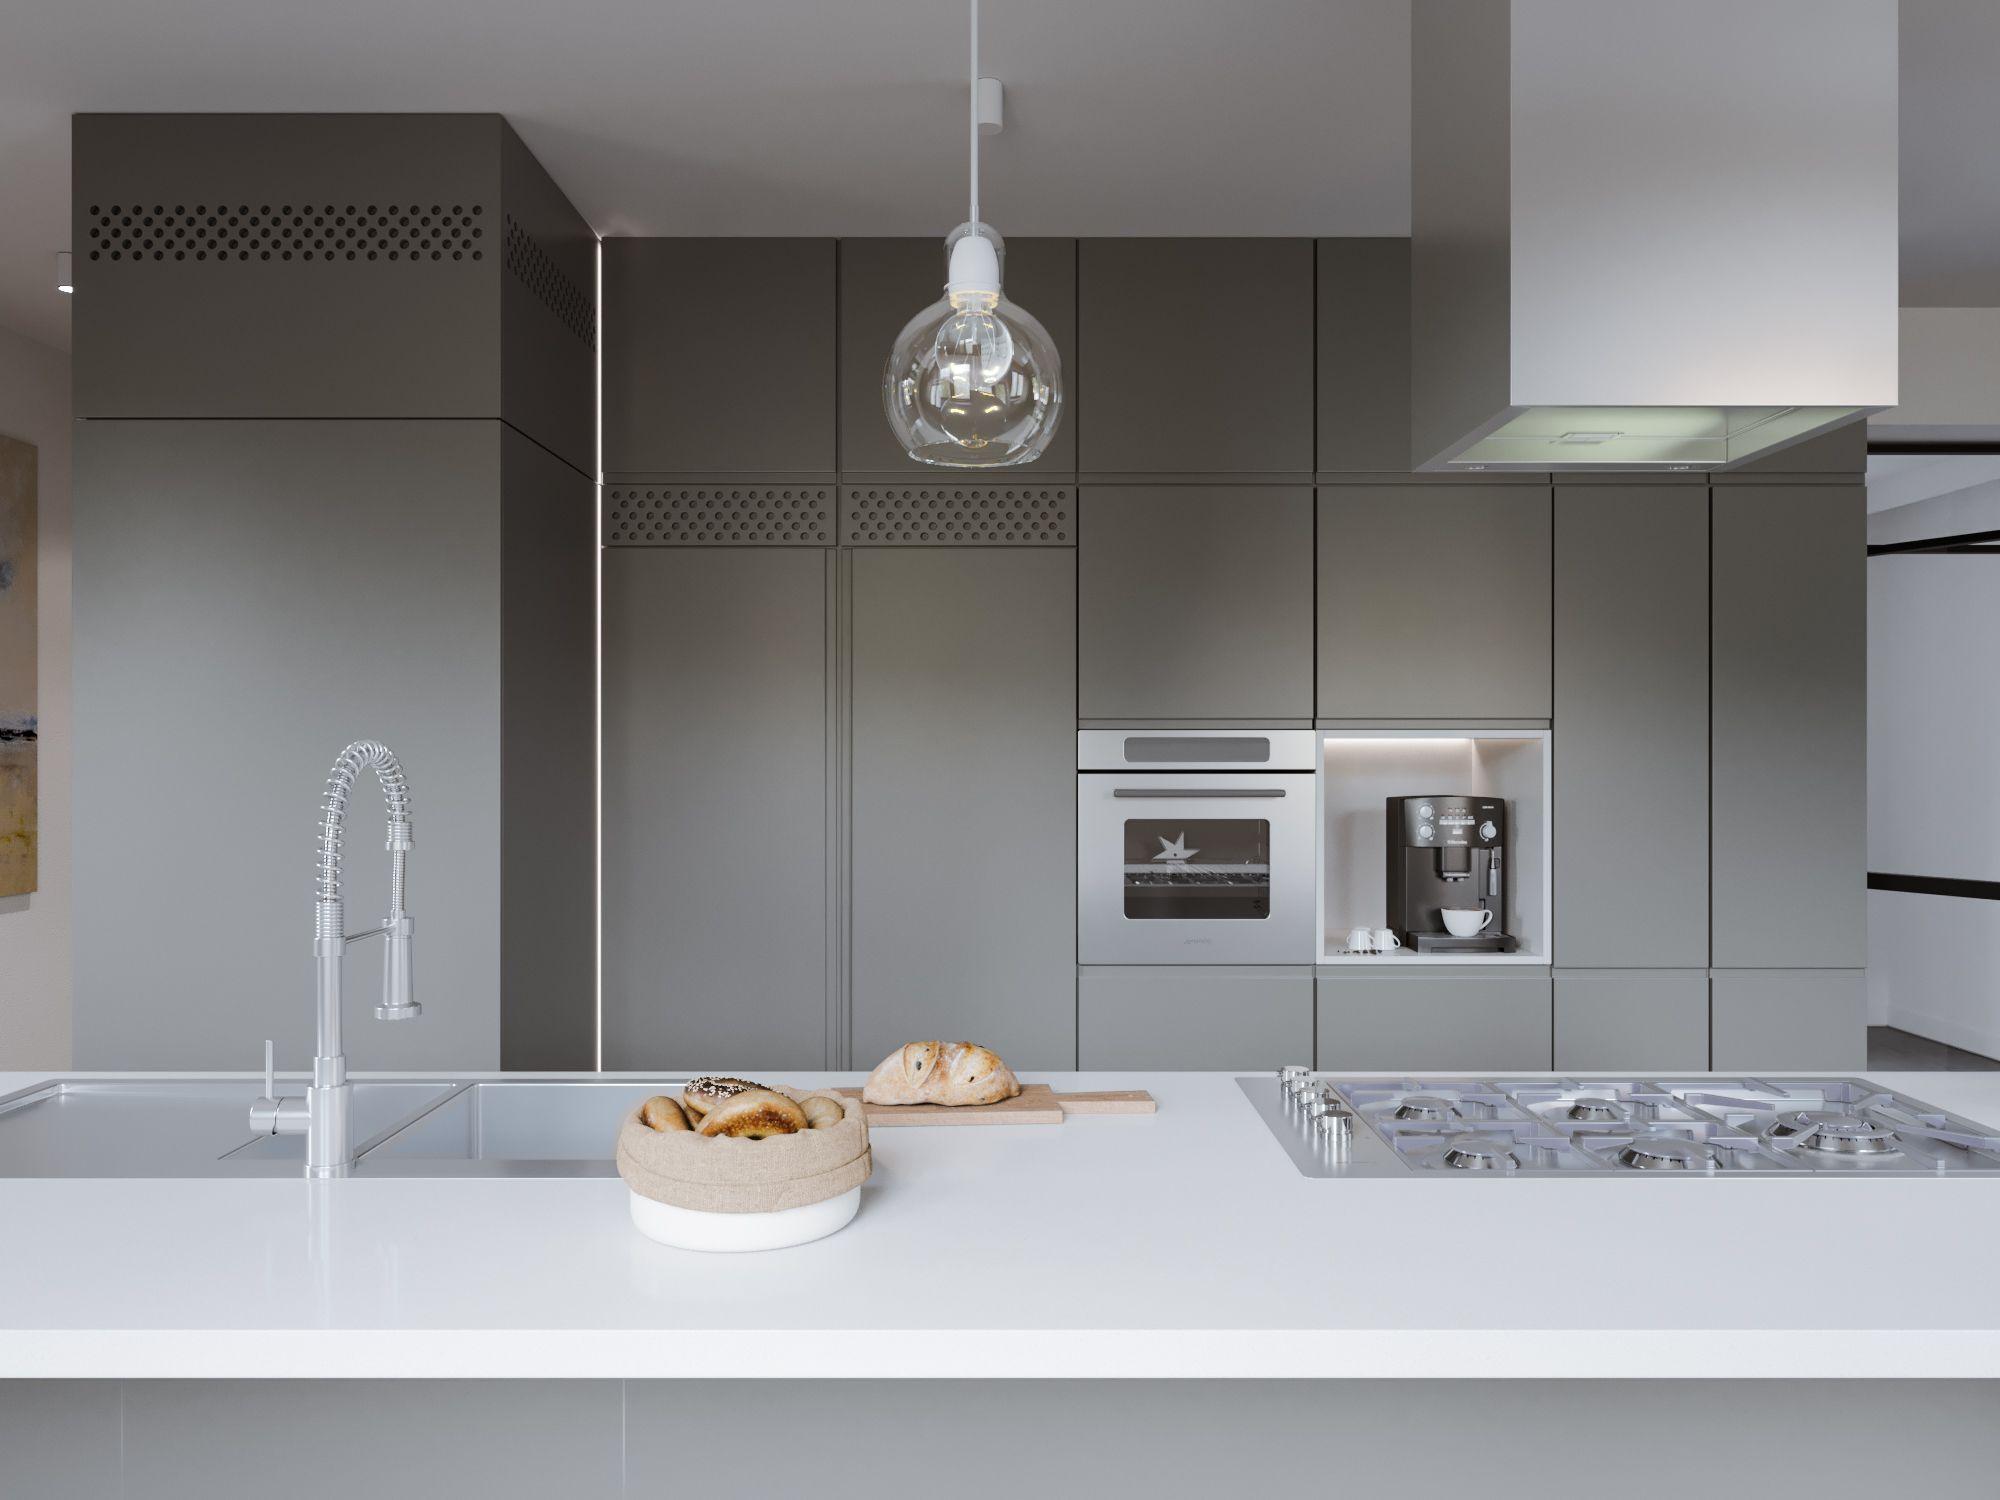 Wunderbar Beleuchtungsmöglichkeiten Für Die Küche Mit Gewölbter ...